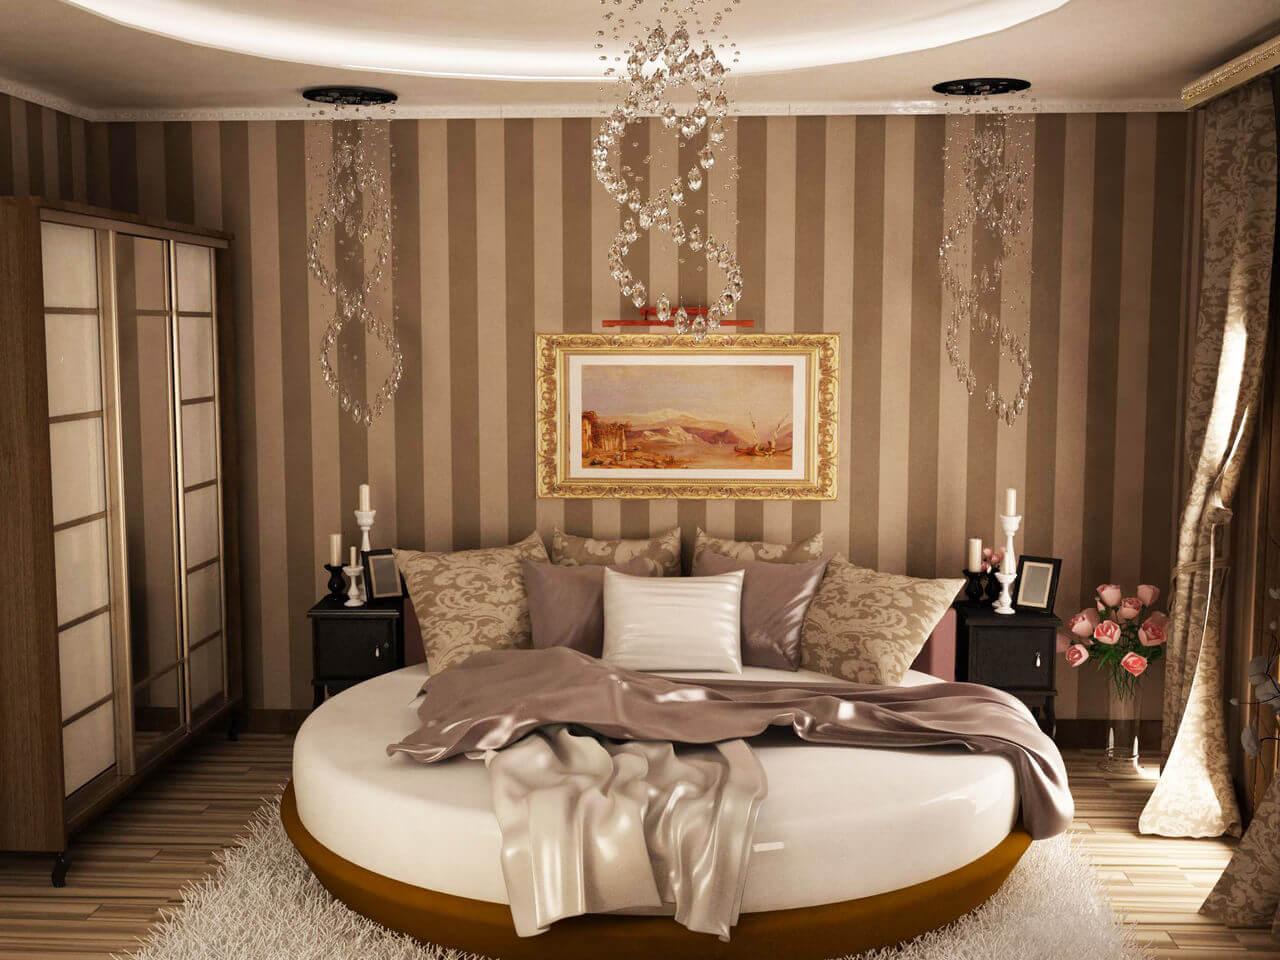 Фото круглой двуспальной кровати